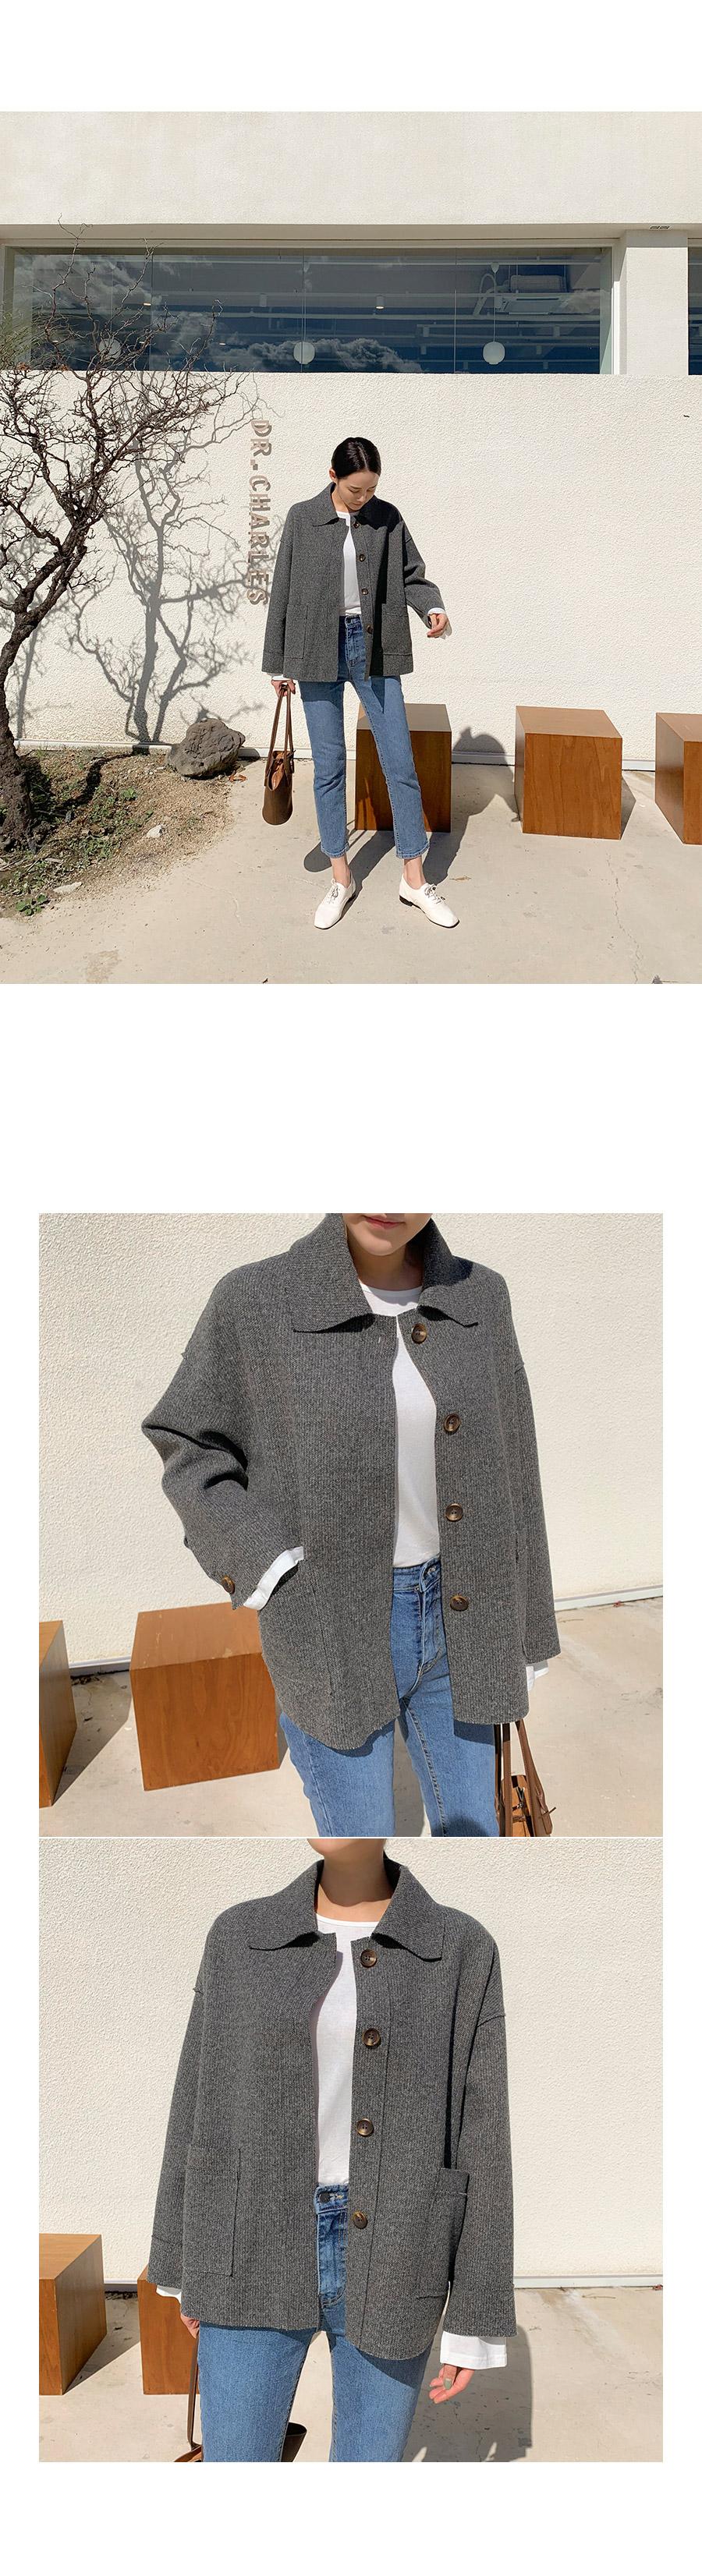 Wool pocket button jk